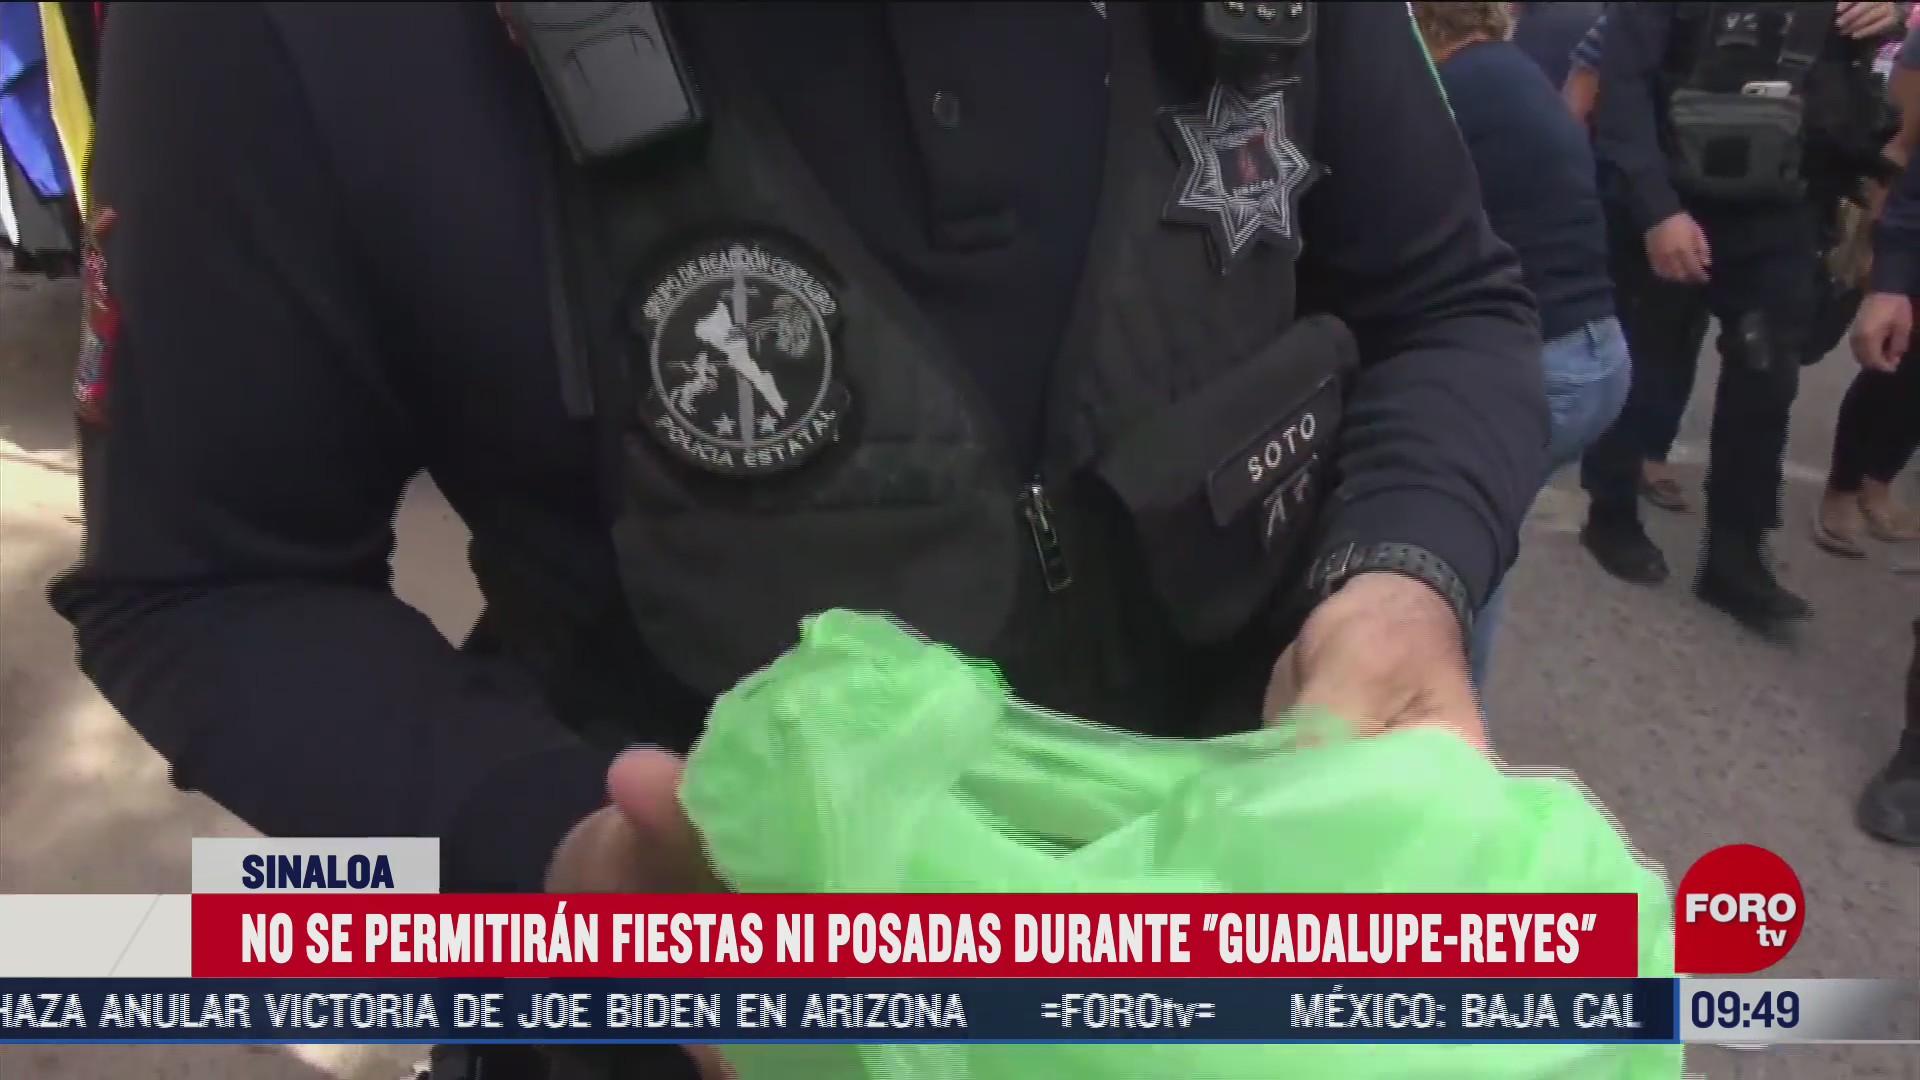 policia de sinaloa alista operativo guadalupe reyes para fiestas decembrinas